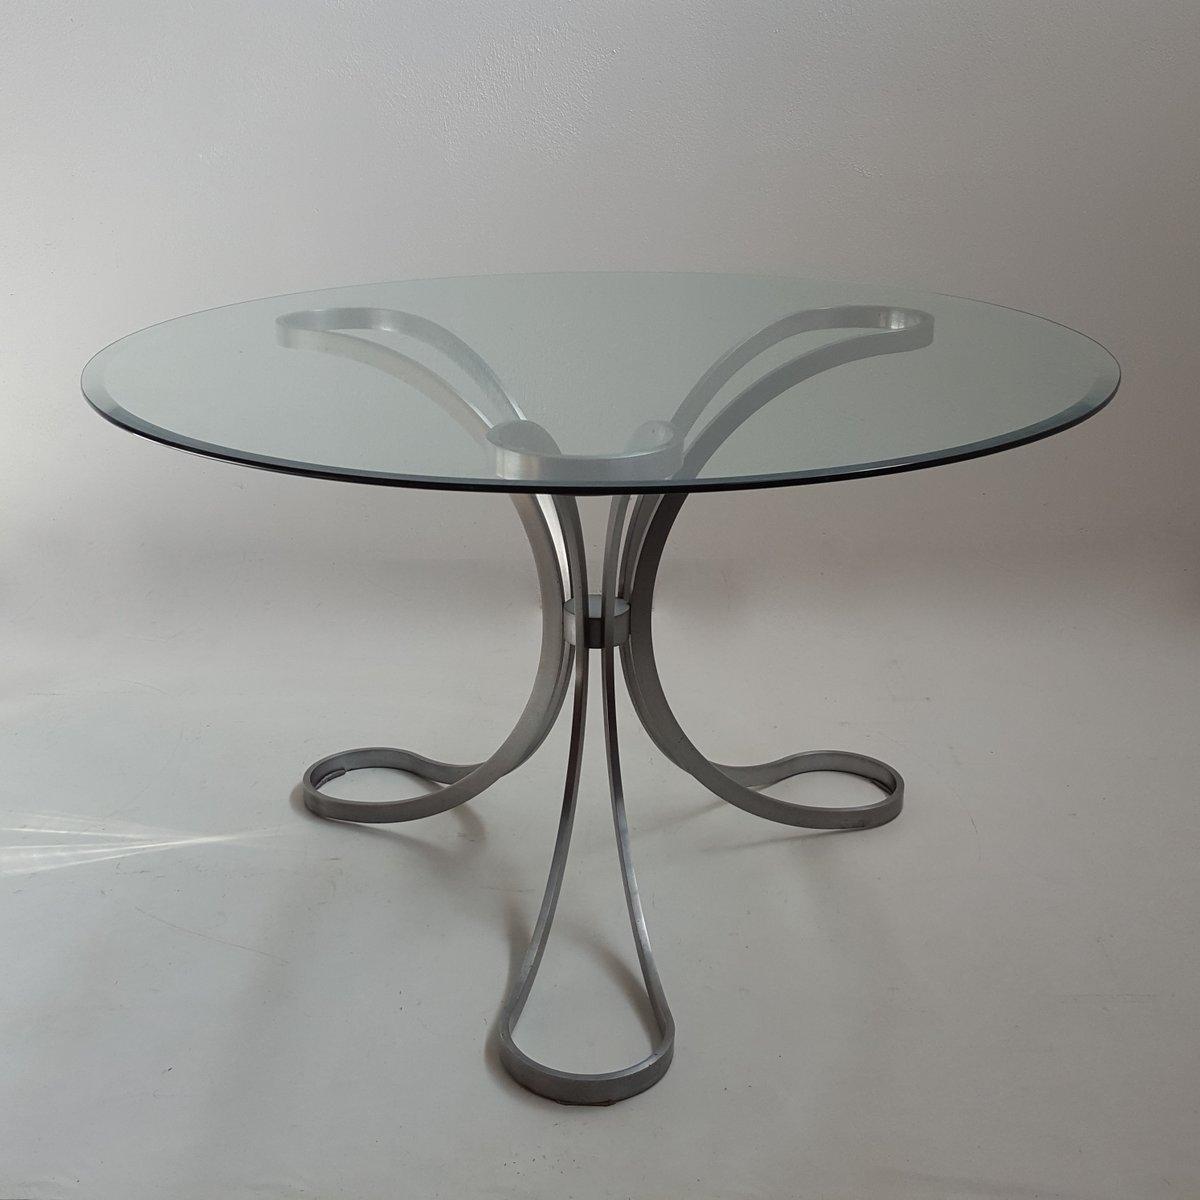 Tavolo Tondo Vetro ~ windell.co = tavolo design e arredamento per la ...